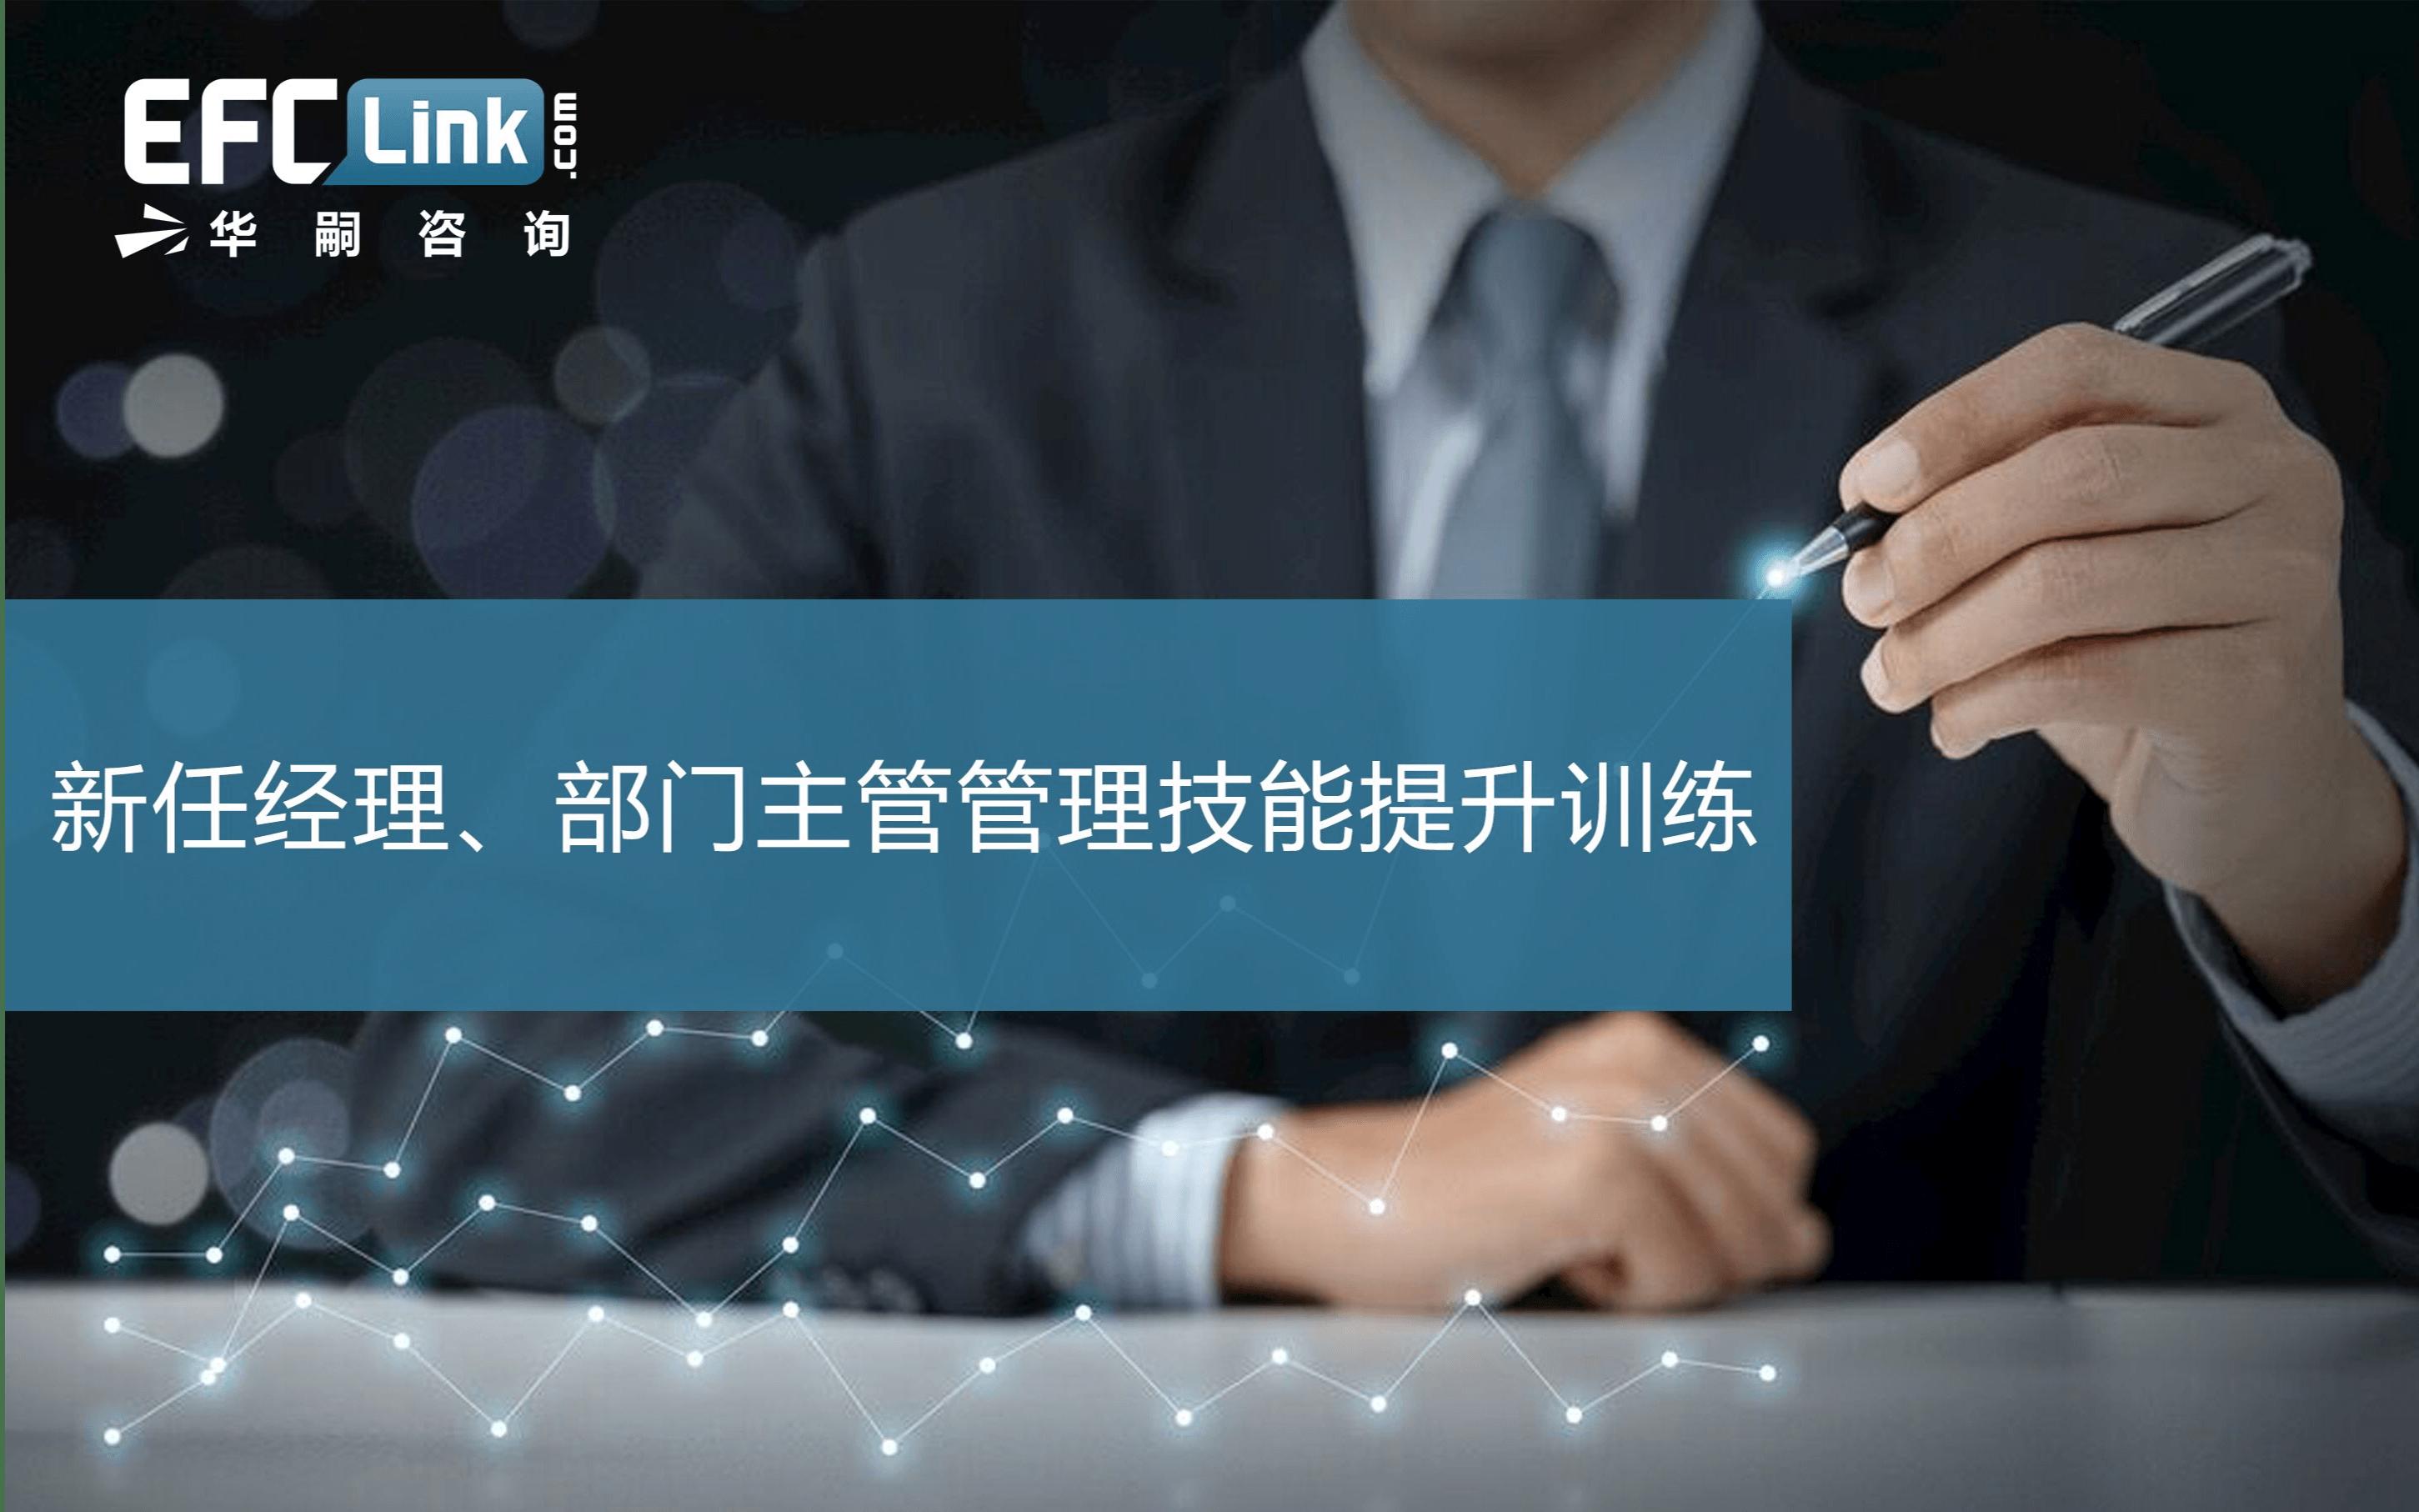 2020新任经理、部门主管全面管理技能提升训练(北京-4月16-17日)